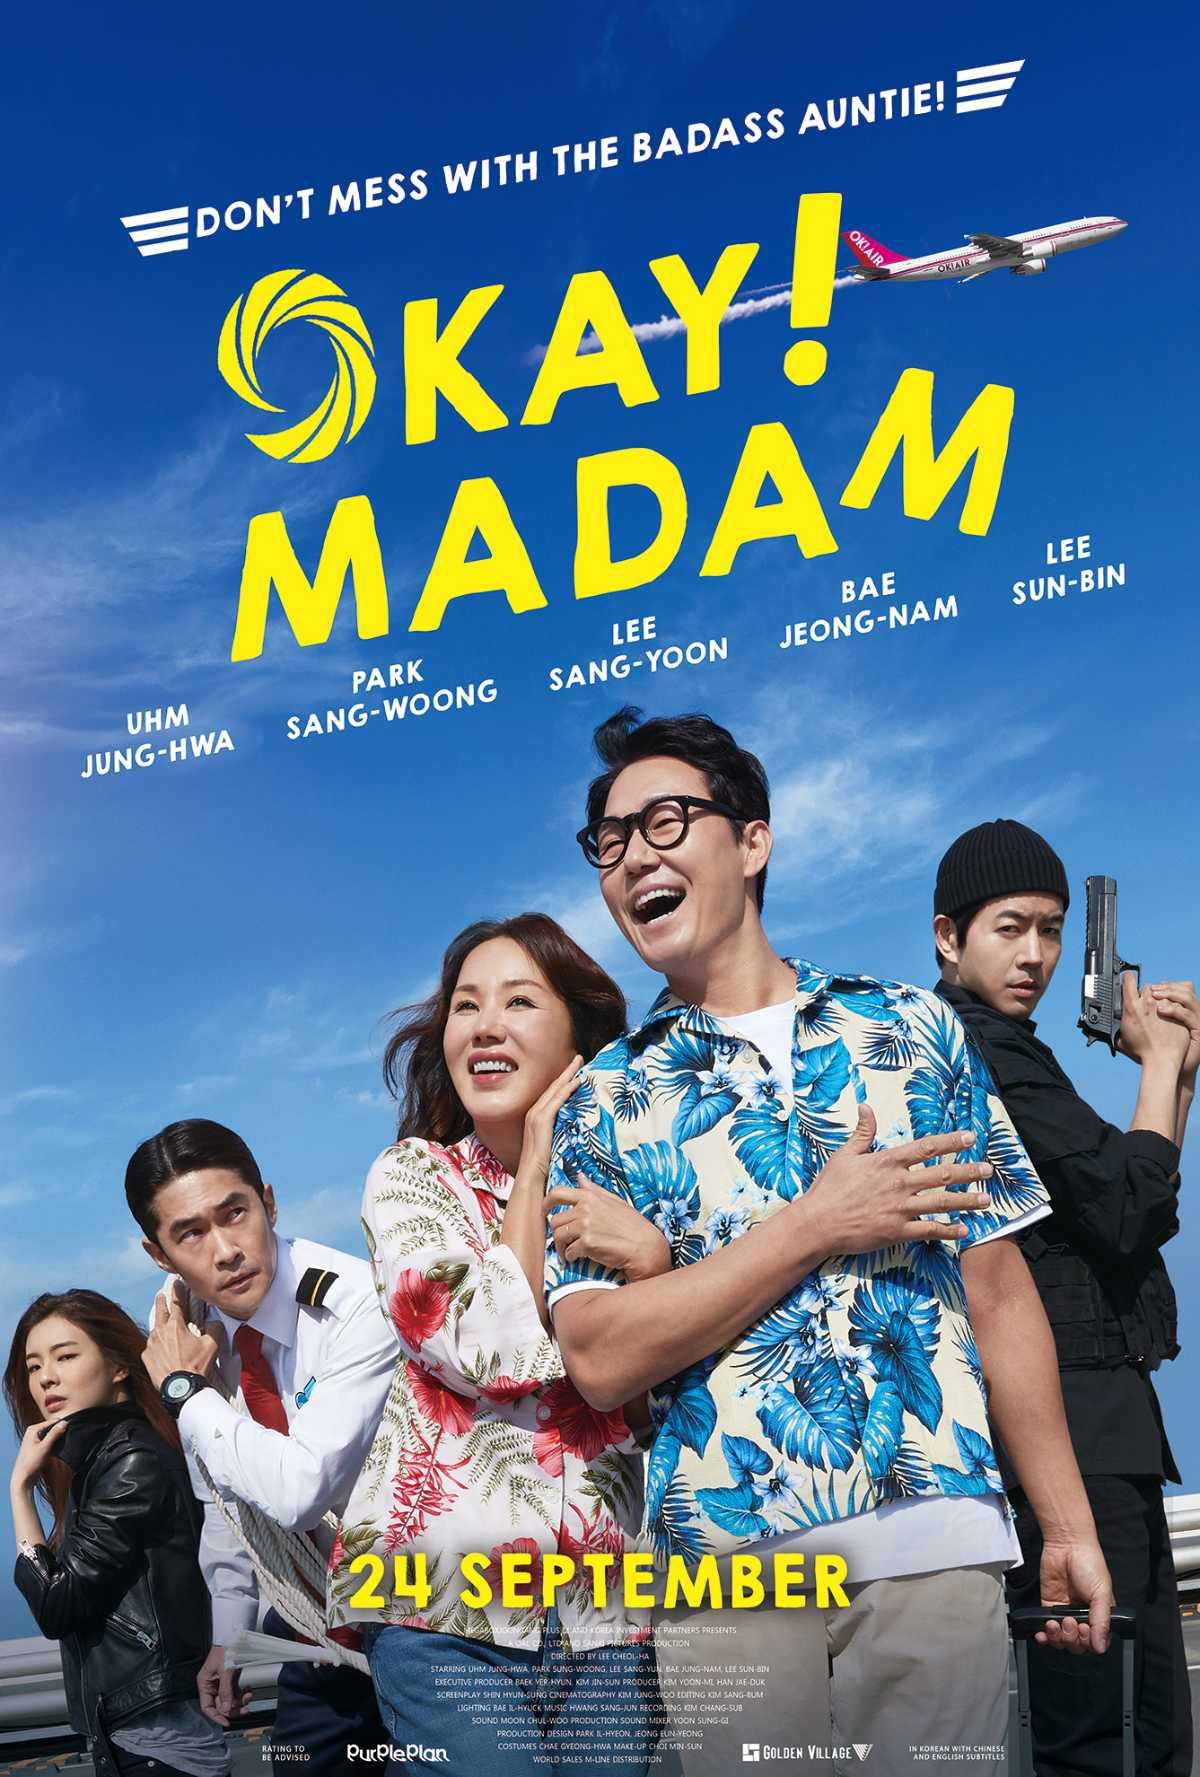 OKAY! MADAM – A REVIEW – MORGAN AWYONG